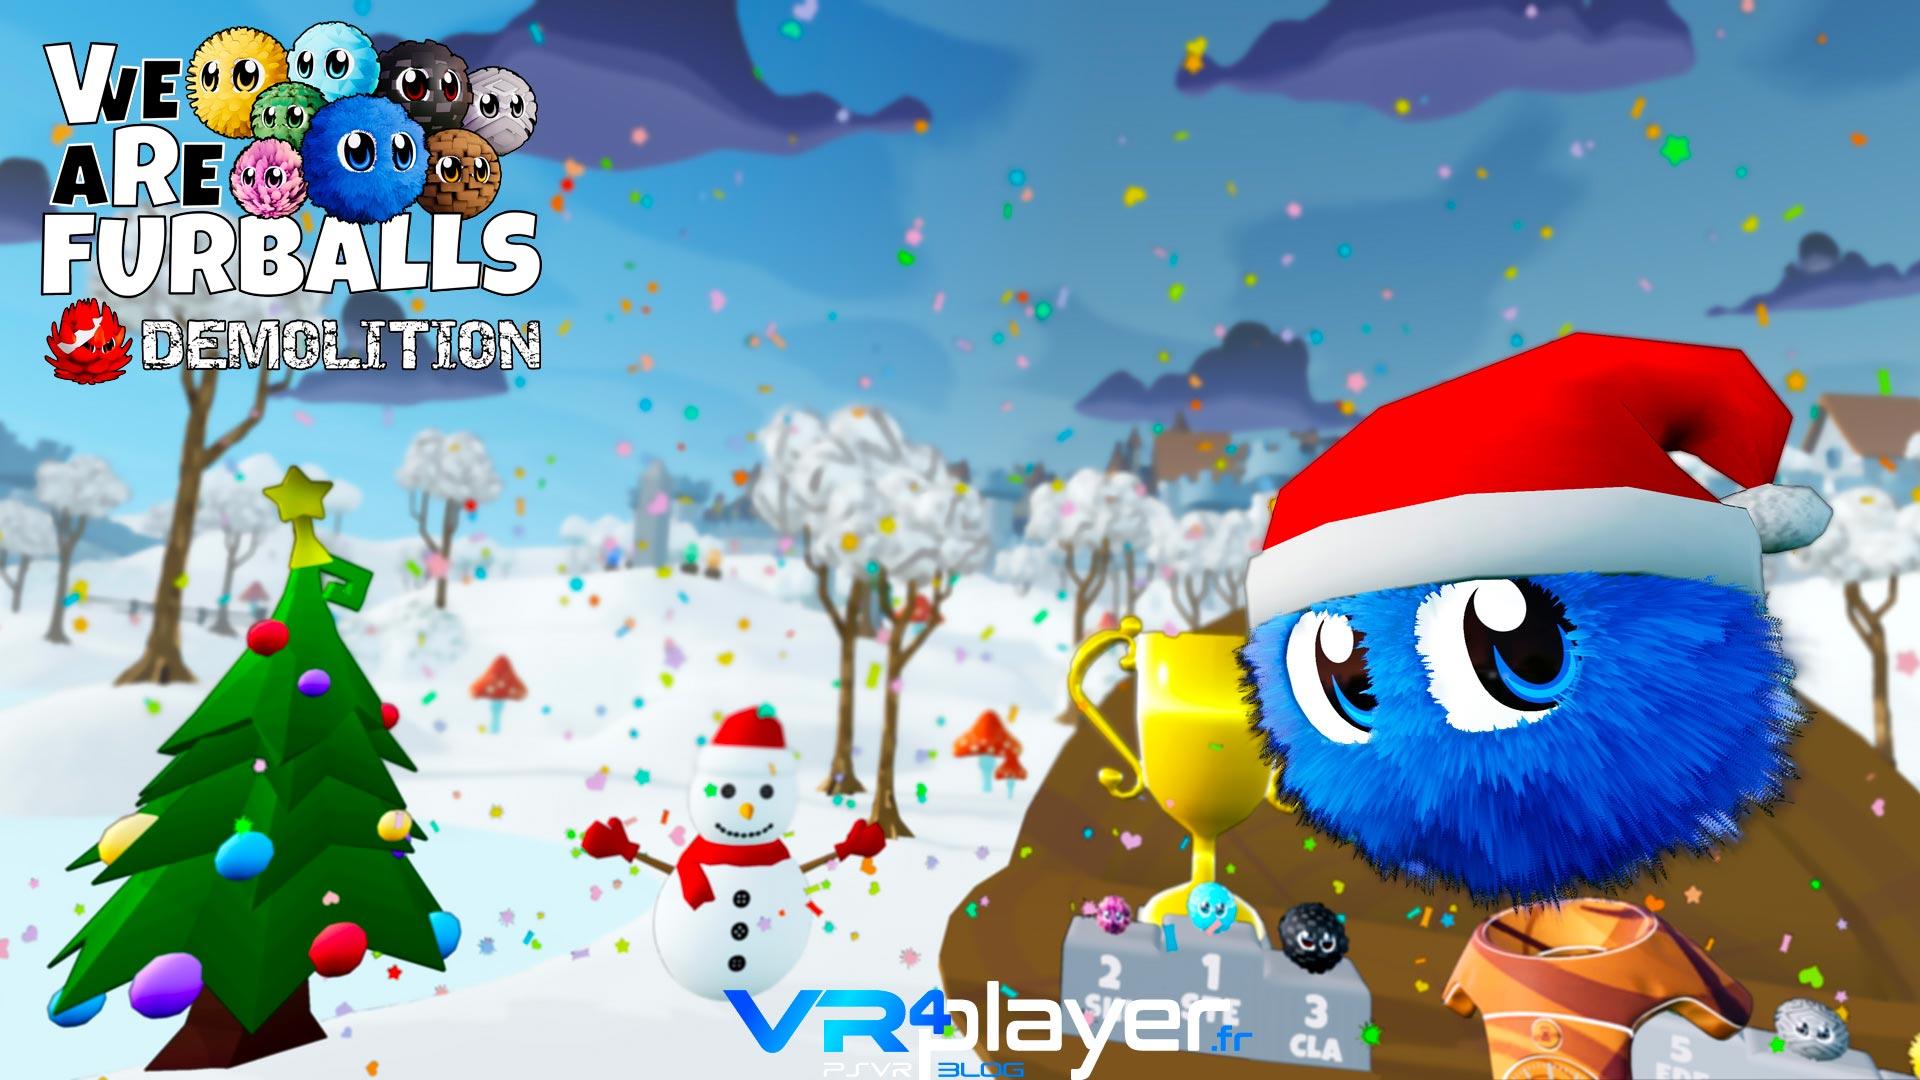 VR Furballs Demolition